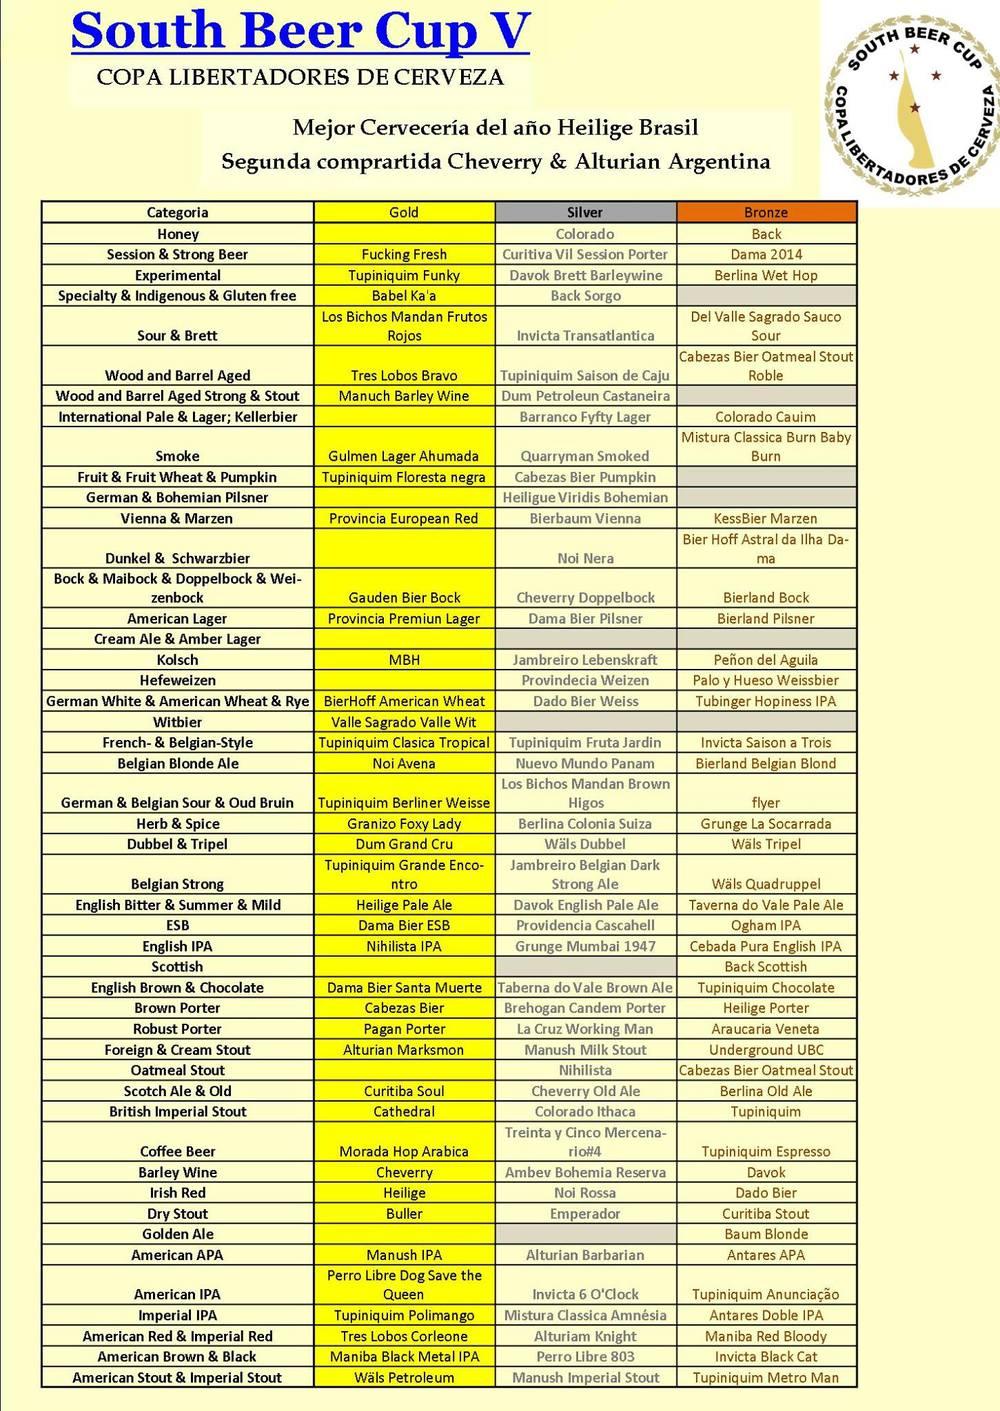 O quadro oficial dos resultados da South Beer Cup 2015